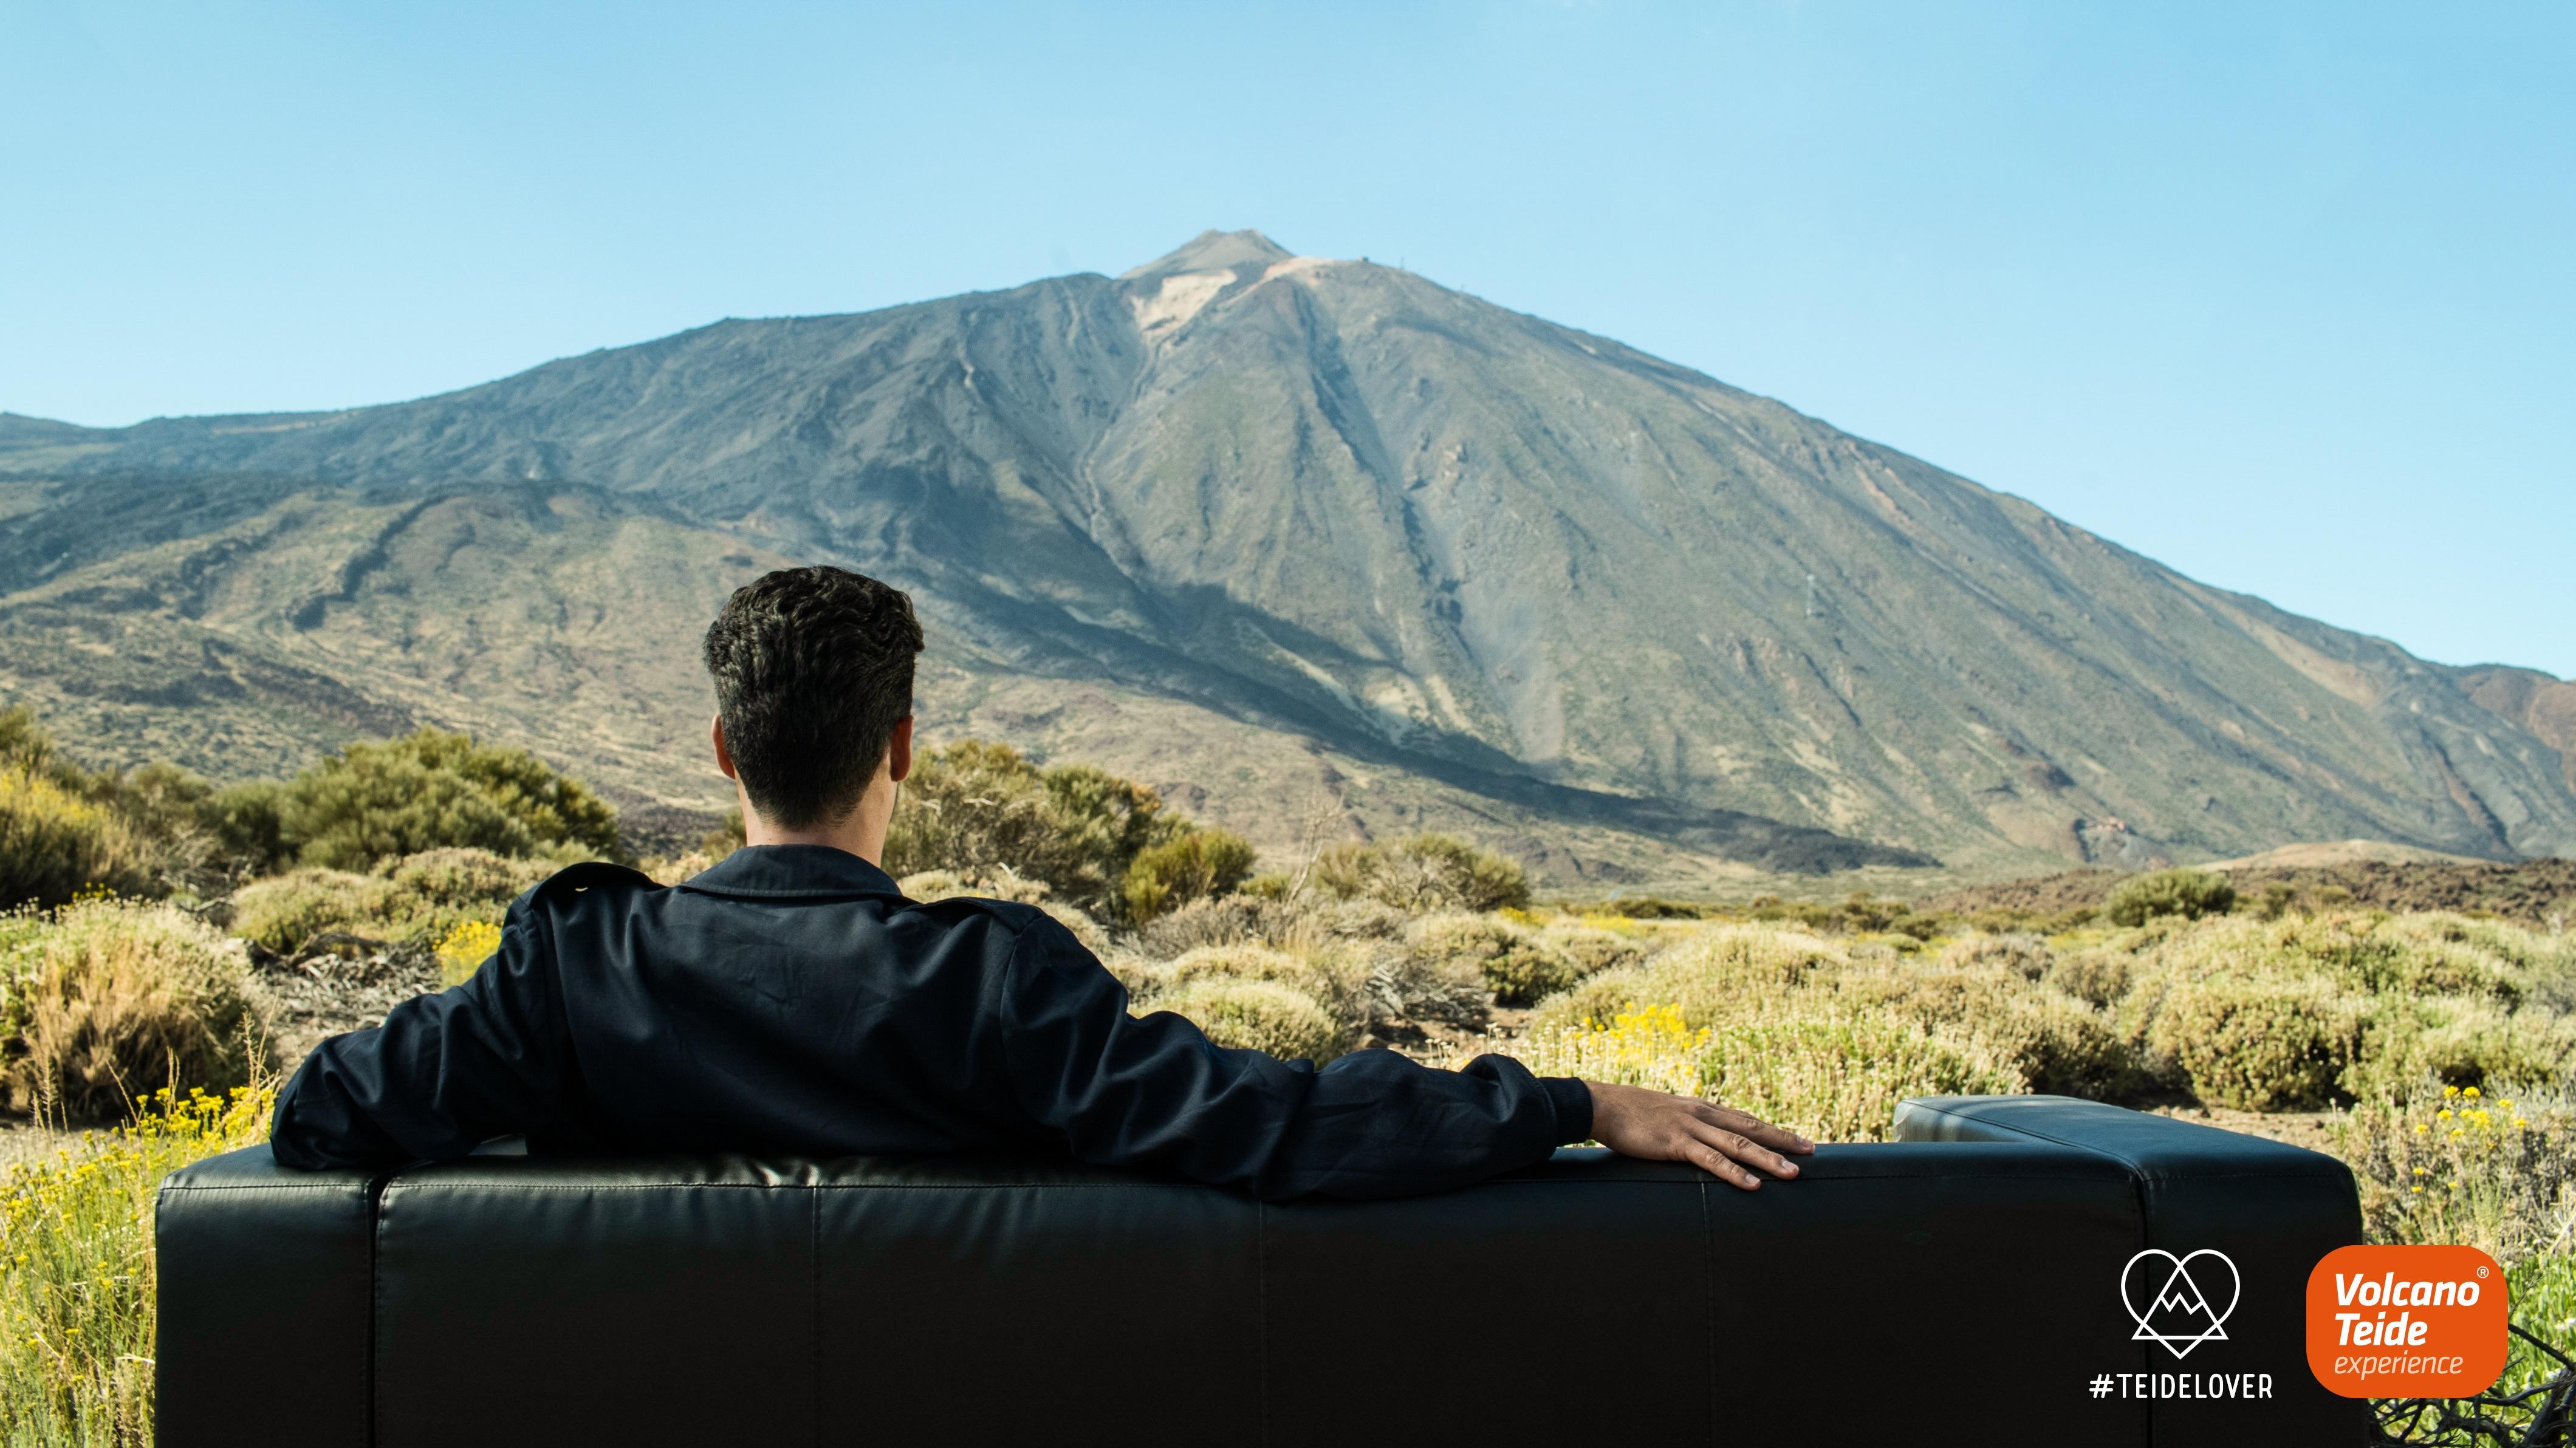 Actividades y excursiones en el Teide: calendario semanal visual